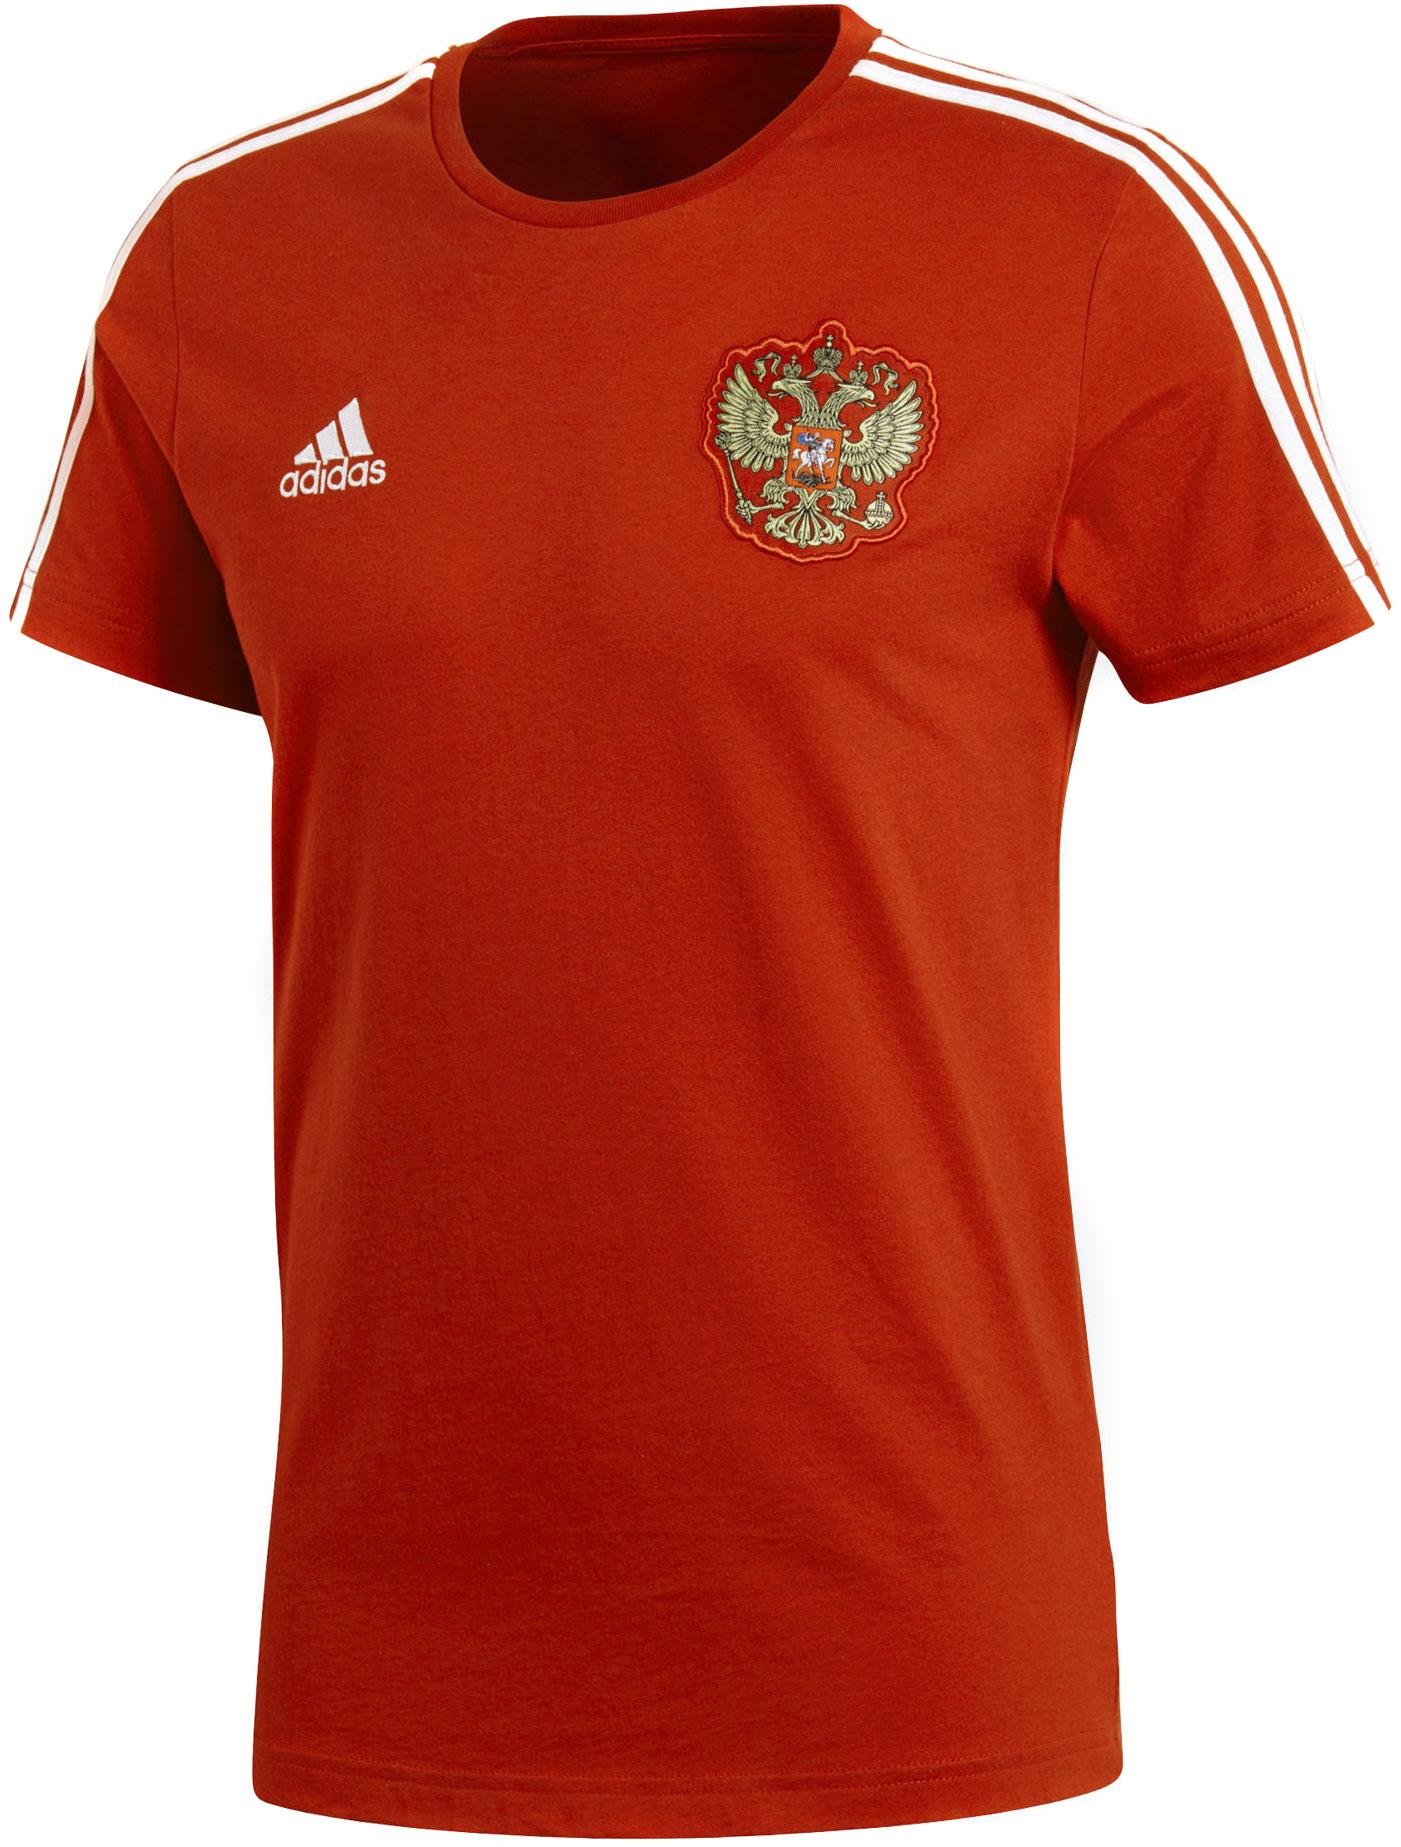 Футболка мужская Adidas Rfu 3s Tee, цвет: красный. CD5275. Размер M (48/50)CD5275Динамичная игра и выверенные по времени голы. Эта мужская футболка создана под вдохновением от неумолимого драйва сборной России по футболу. Рифленый круглый ворот и три полоски на рукавах. Нашивка с эмблемой национальной команды и логотип adidas дополняют образ. Классический крой, более широкий в области корпуса.Рифленый круглый воротВнутренний шов ворота обработан тесьмойГерб России на грудиТри полоски на рукавахЛоготип adidas на грудиМы поддерживаем инициативу Better Cotton по совершенствованию хлопководческих хозяйств по всему мируКлассический крой с более широкой основной частью; прямой силуэт